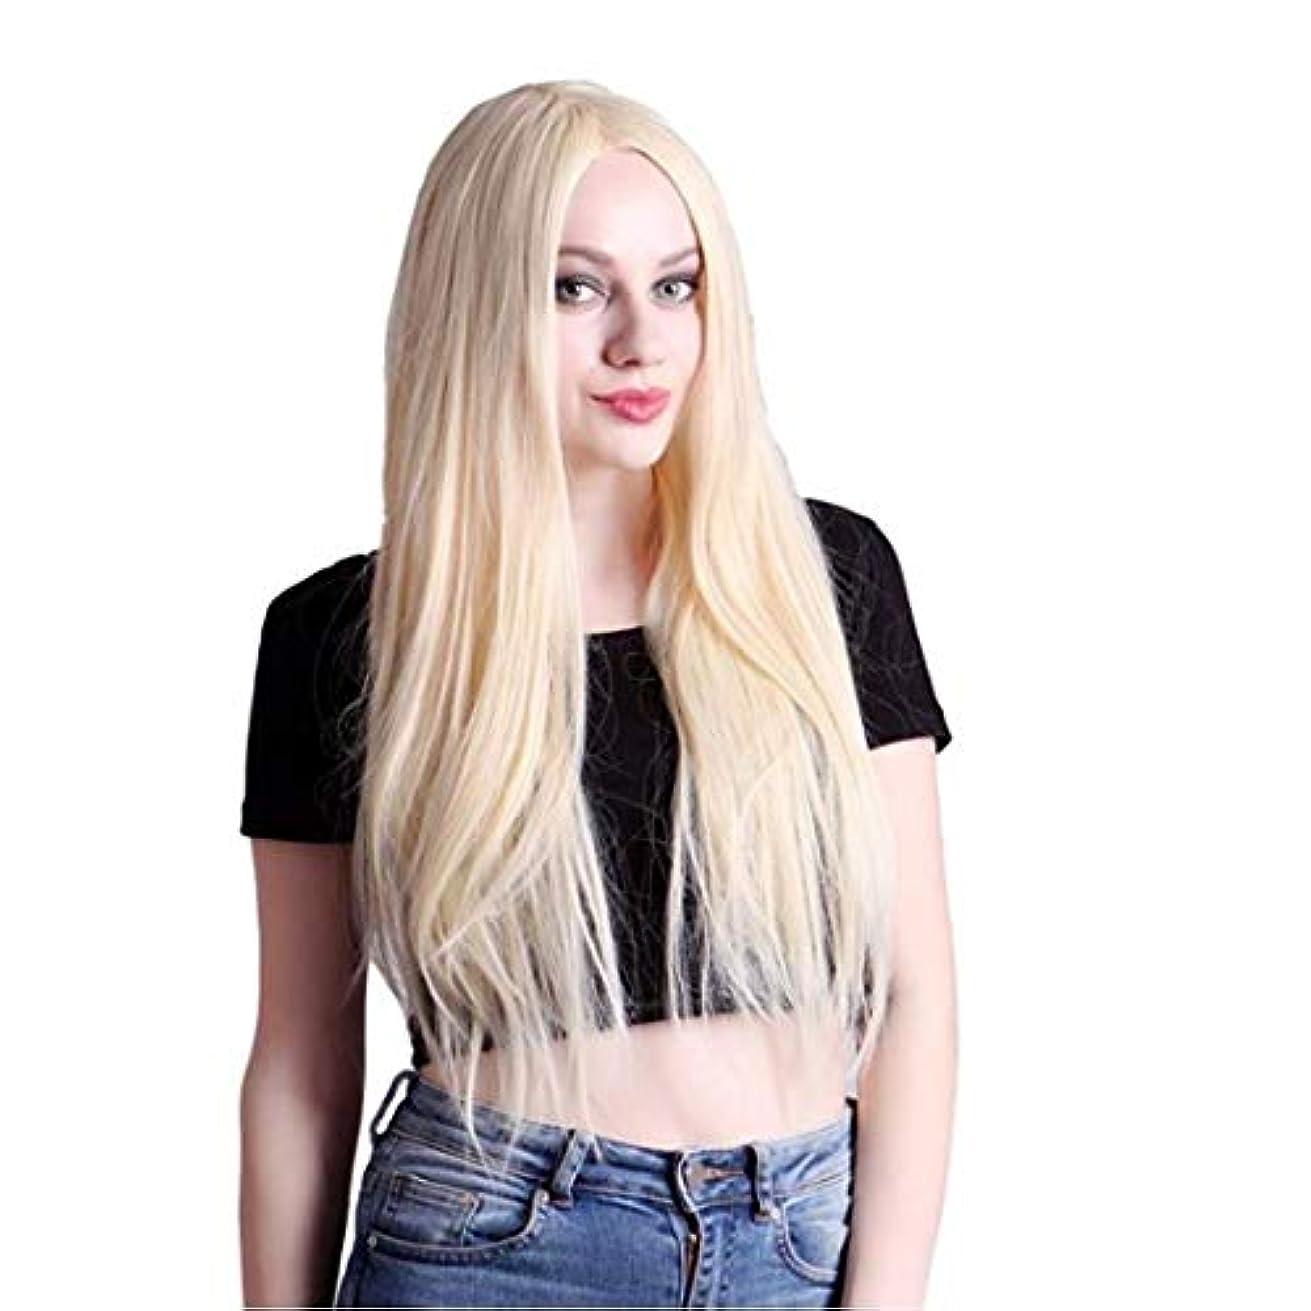 自発的実際の位置づけるKerwinner レディースウィッグ夏スタイルの完璧なヘアラインルートウィッグ人工毛フロントレースかつらすべての肌のトーンのシルクストレートヘア